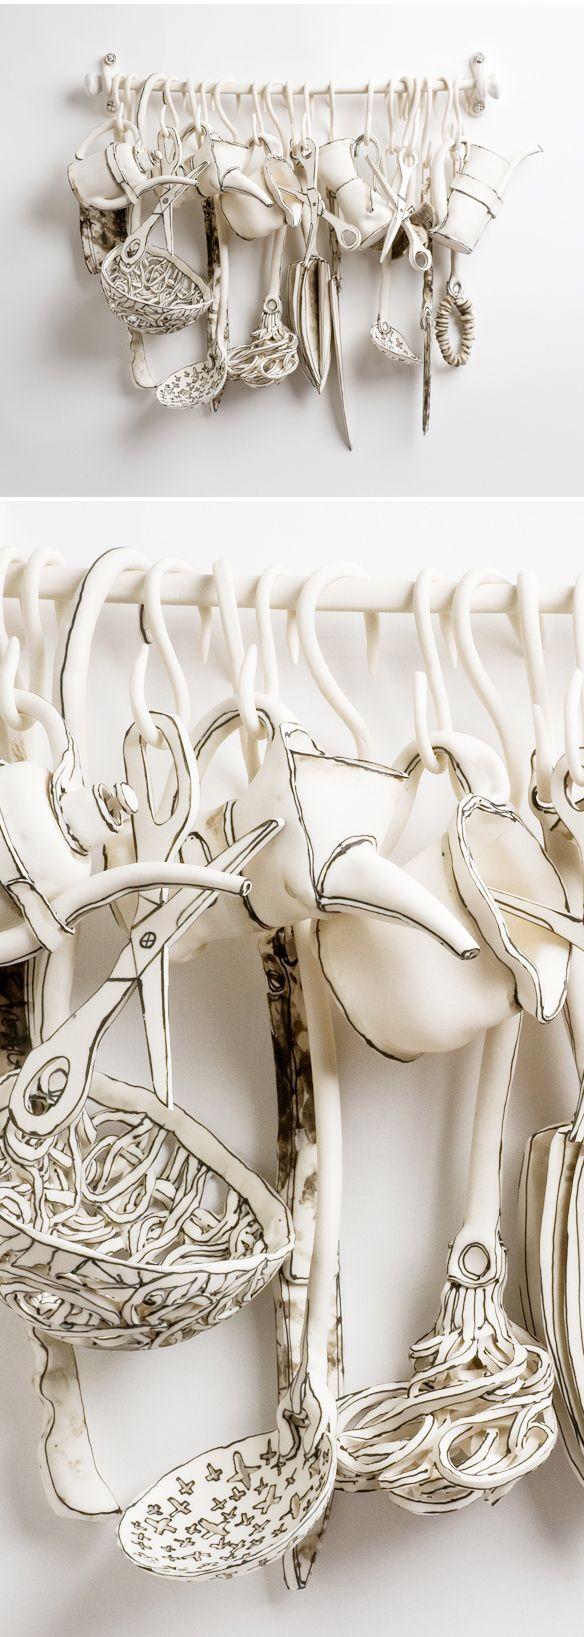 ceramic work of UK based artist Katharine Morling